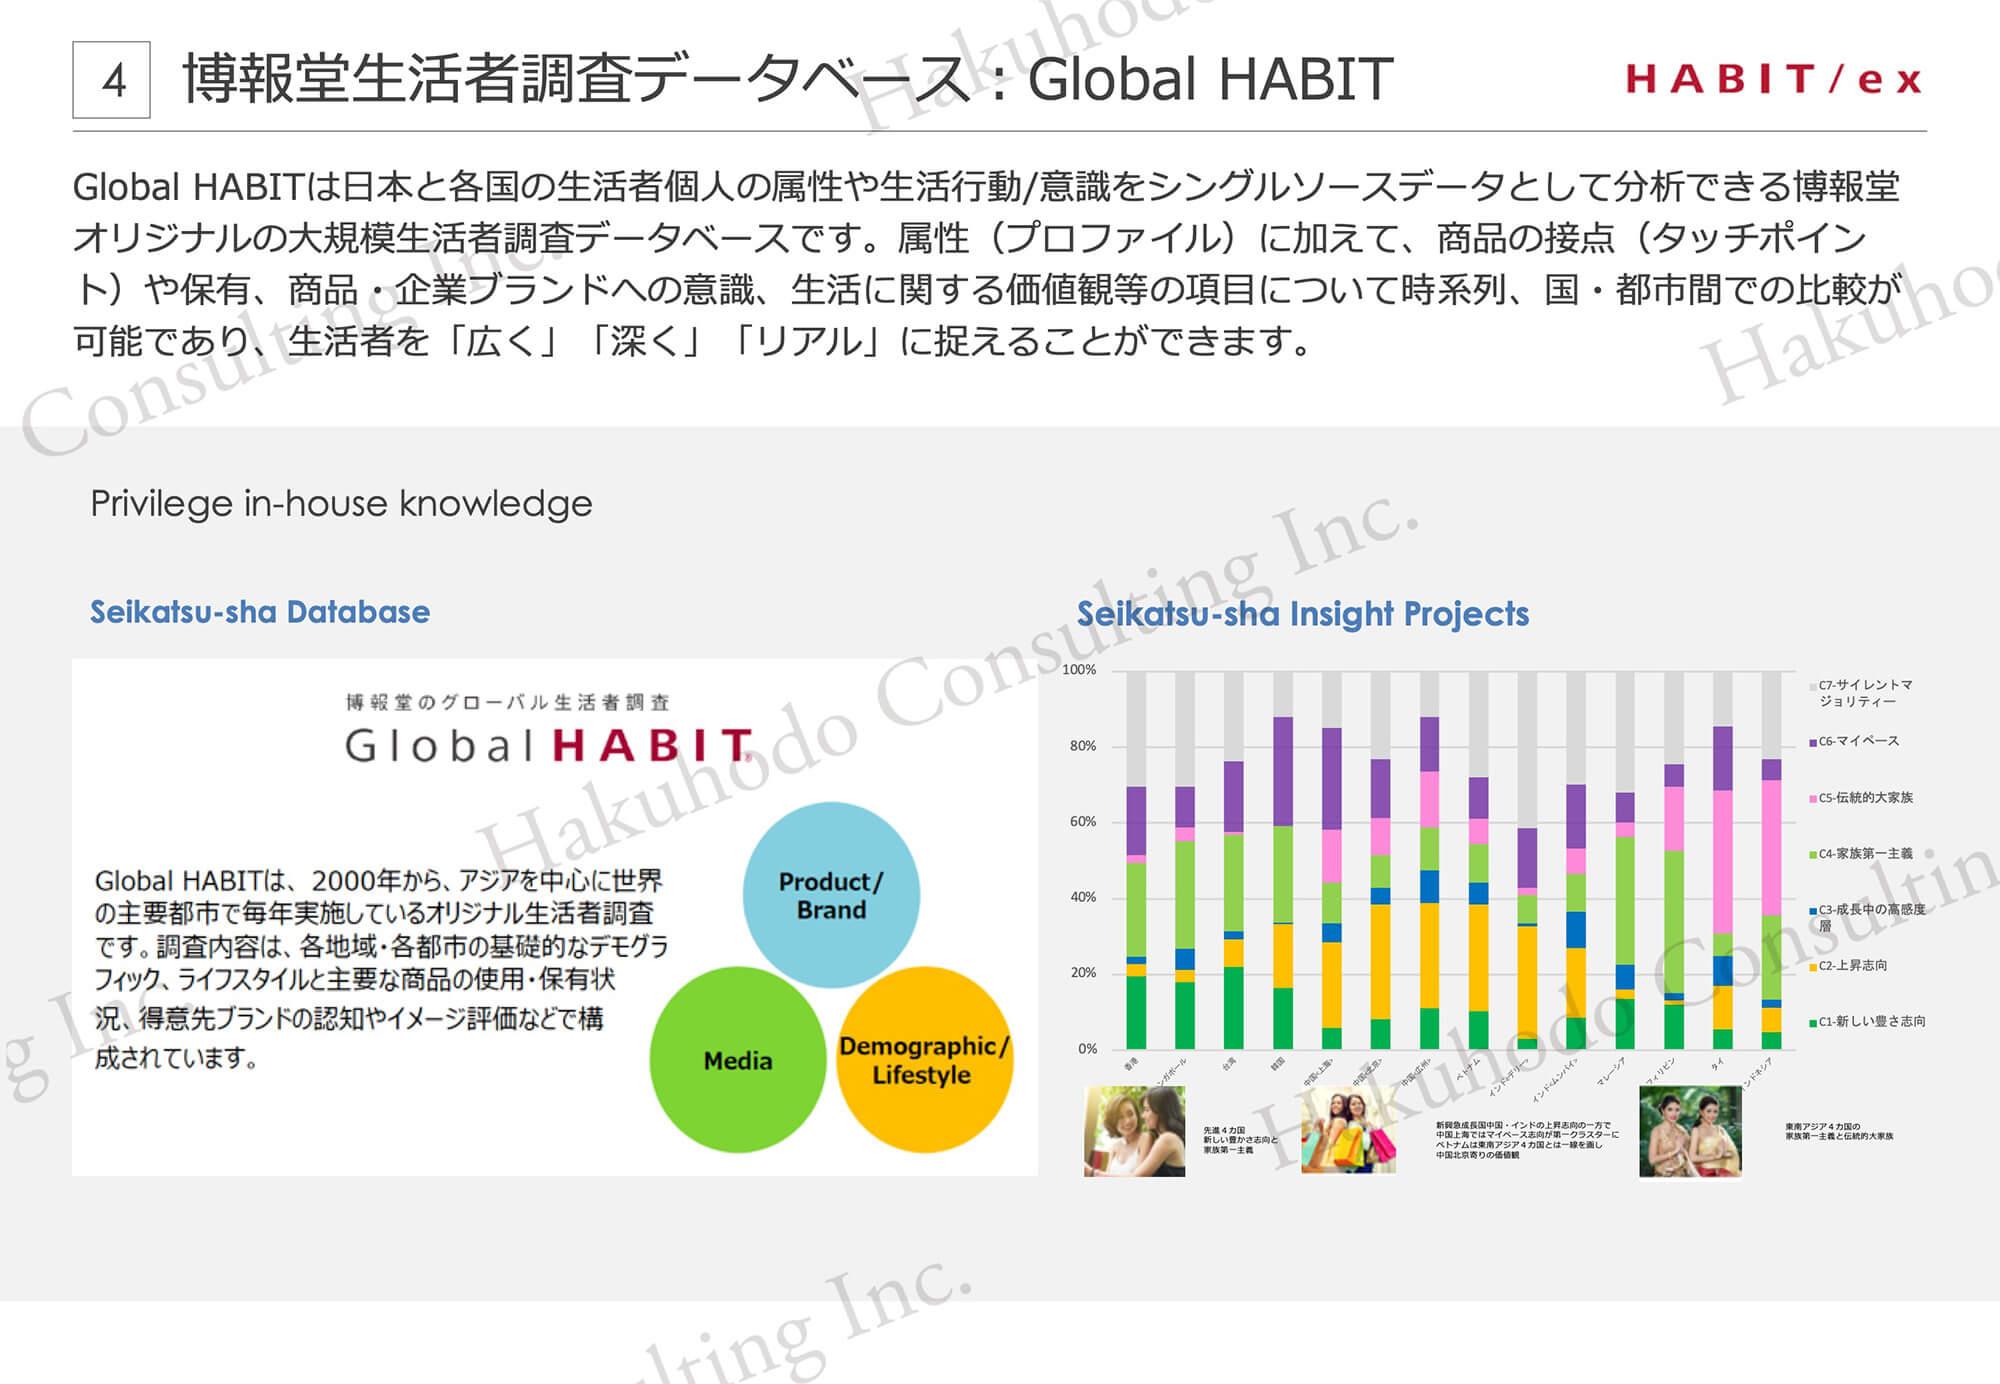 博報堂生活者調査データベース︓Global HABIT